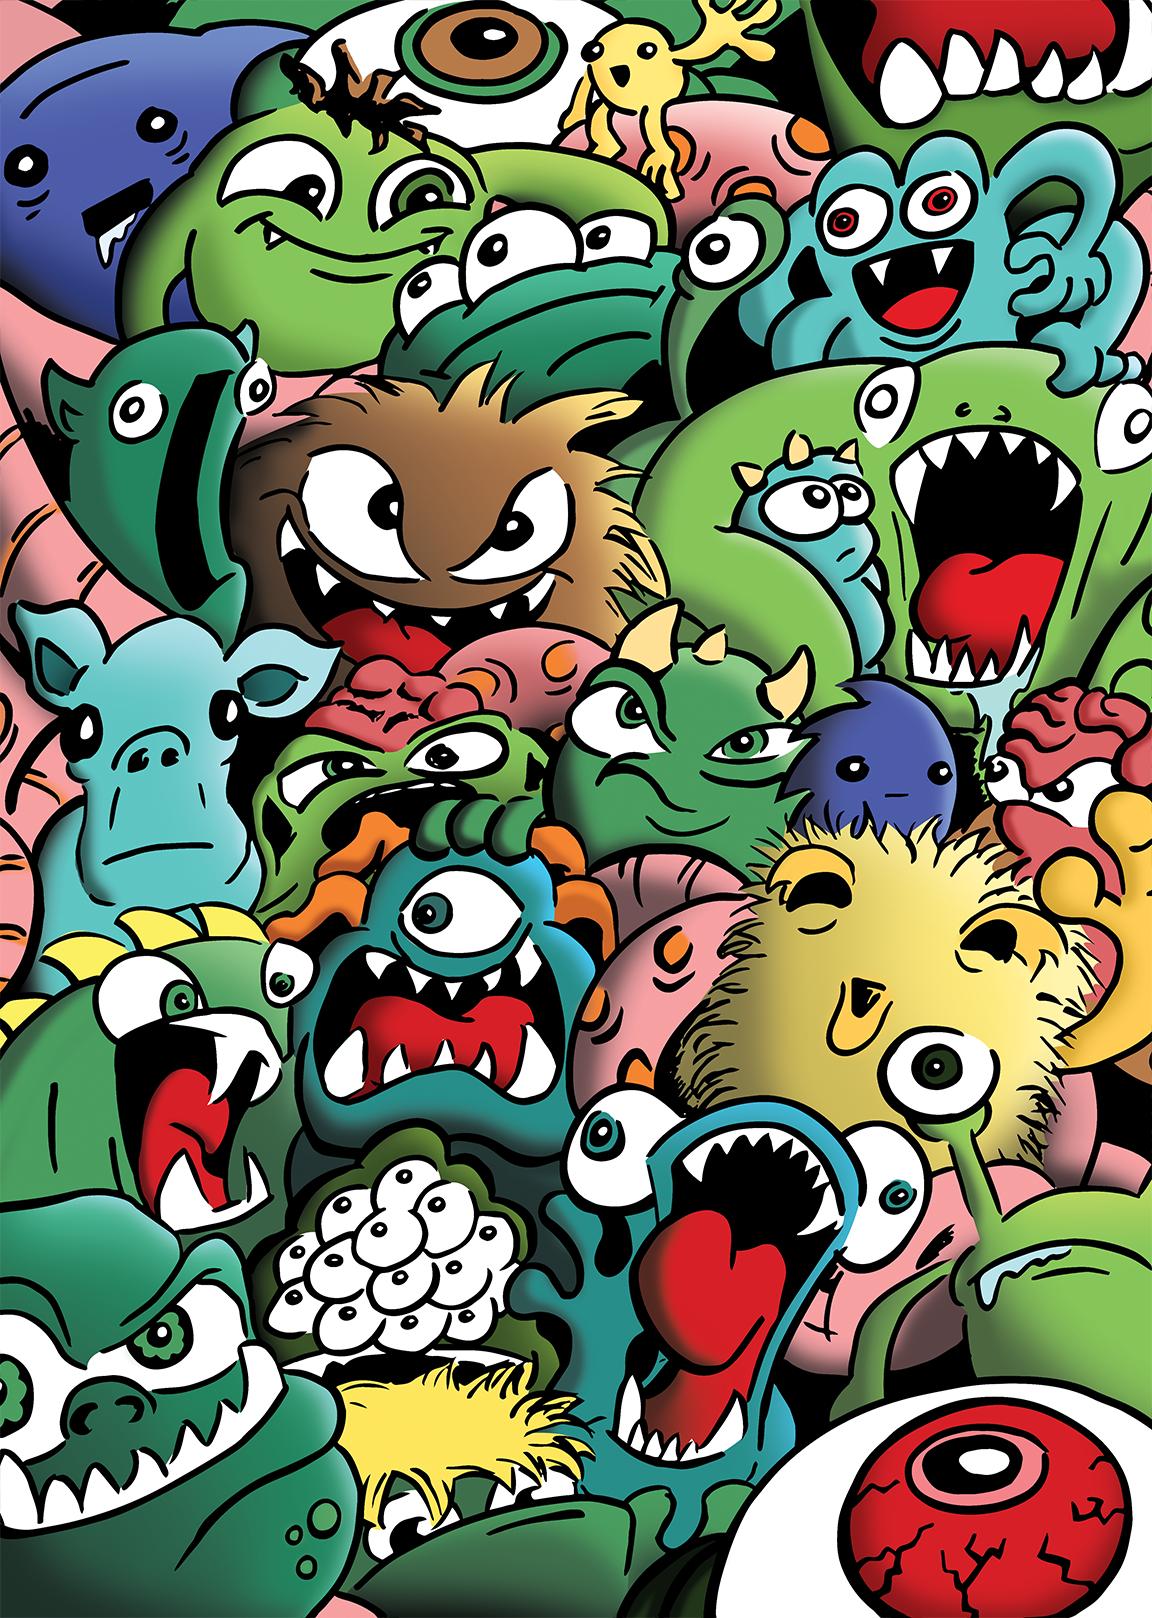 monster illustration manchester